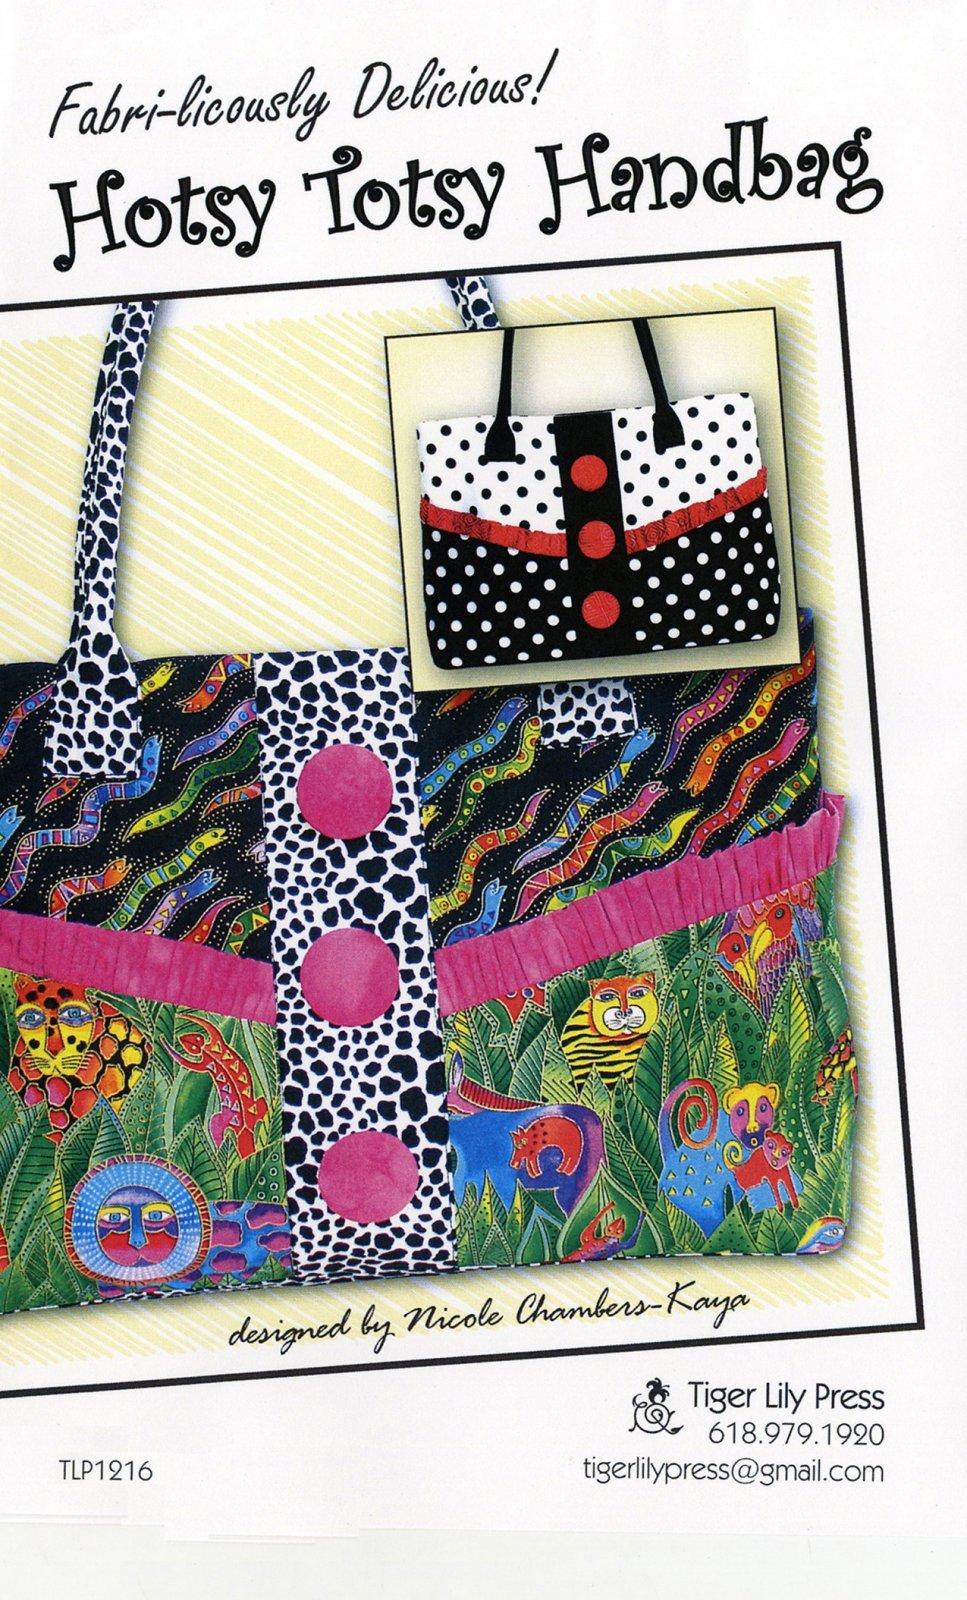 Hotsy Totsy Handbag